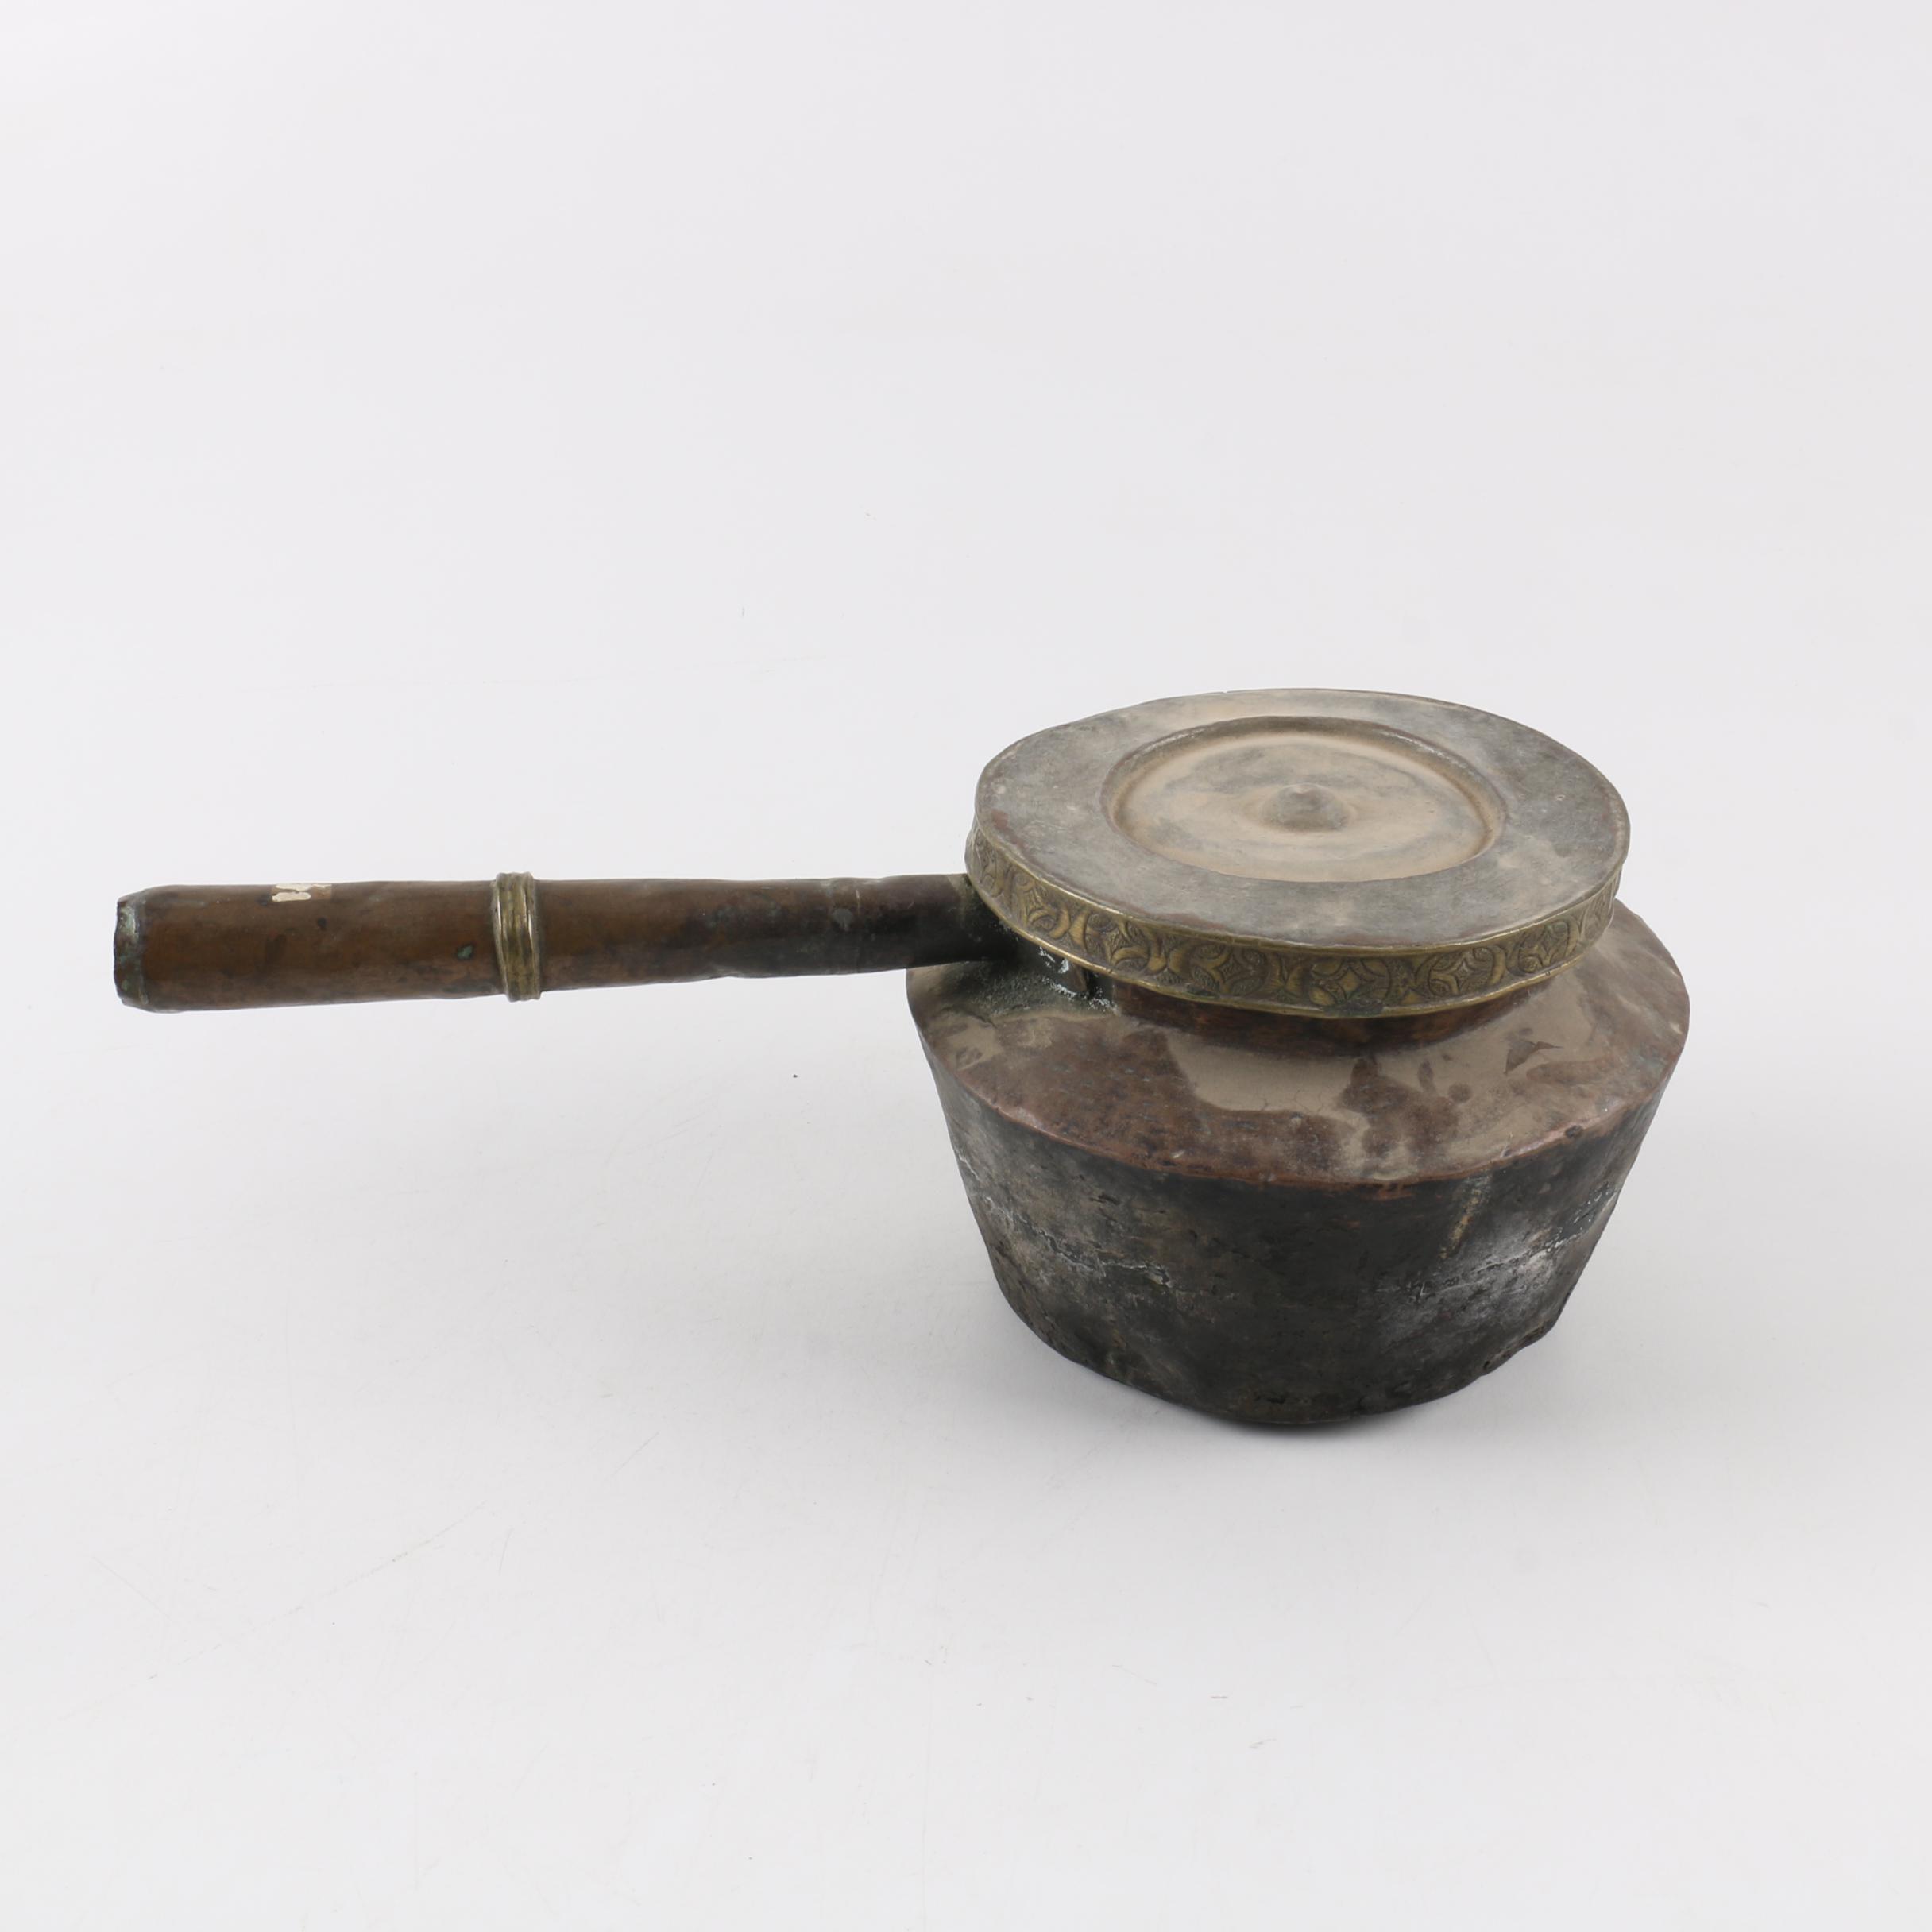 Tibetan Style Metal Cooking Pot